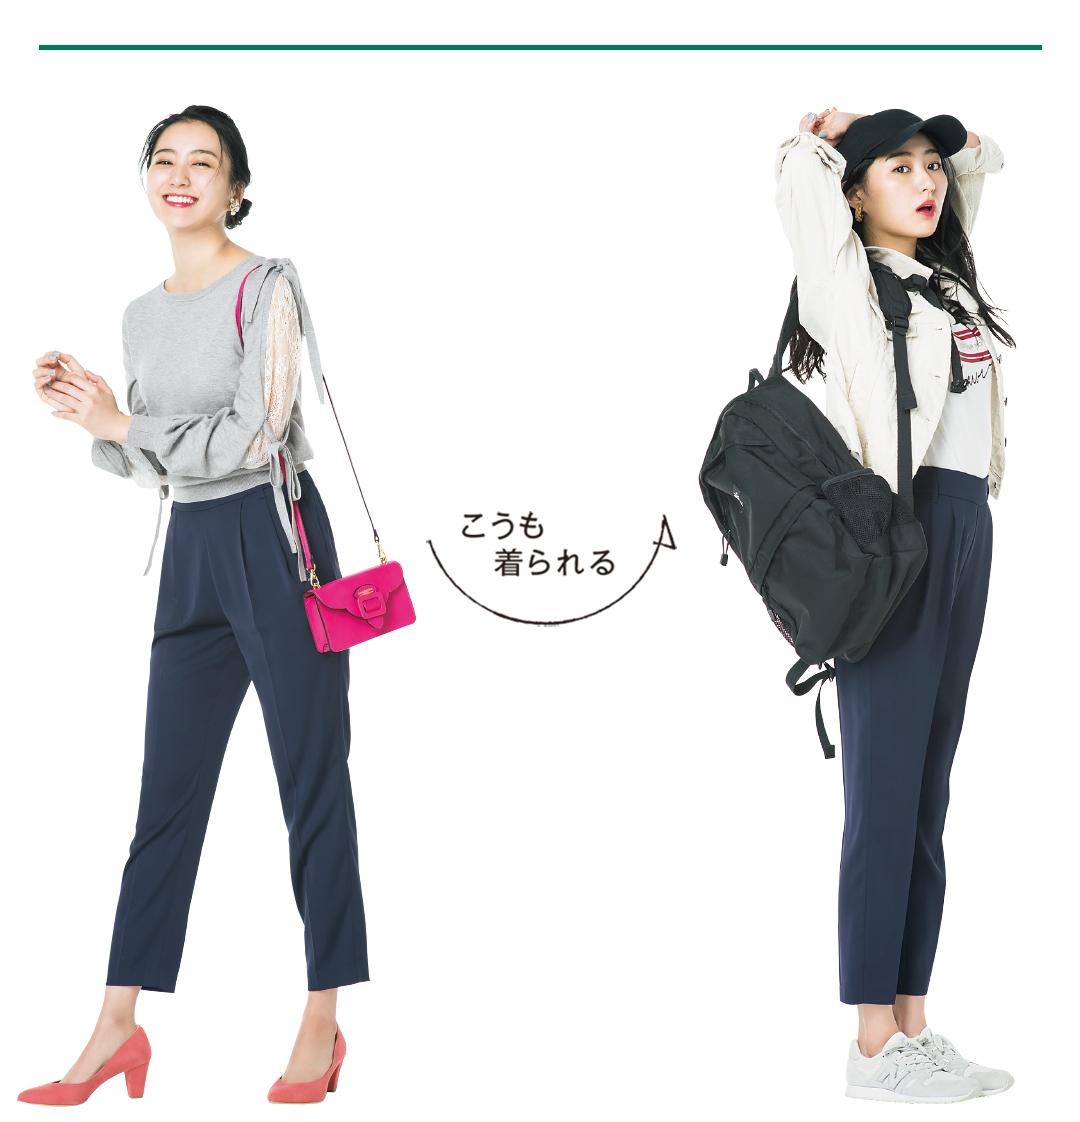 スタイルよく見えてキレイめ♡「テーパードパンツ」で、この春は大人っぽデビュー!_1_3-3